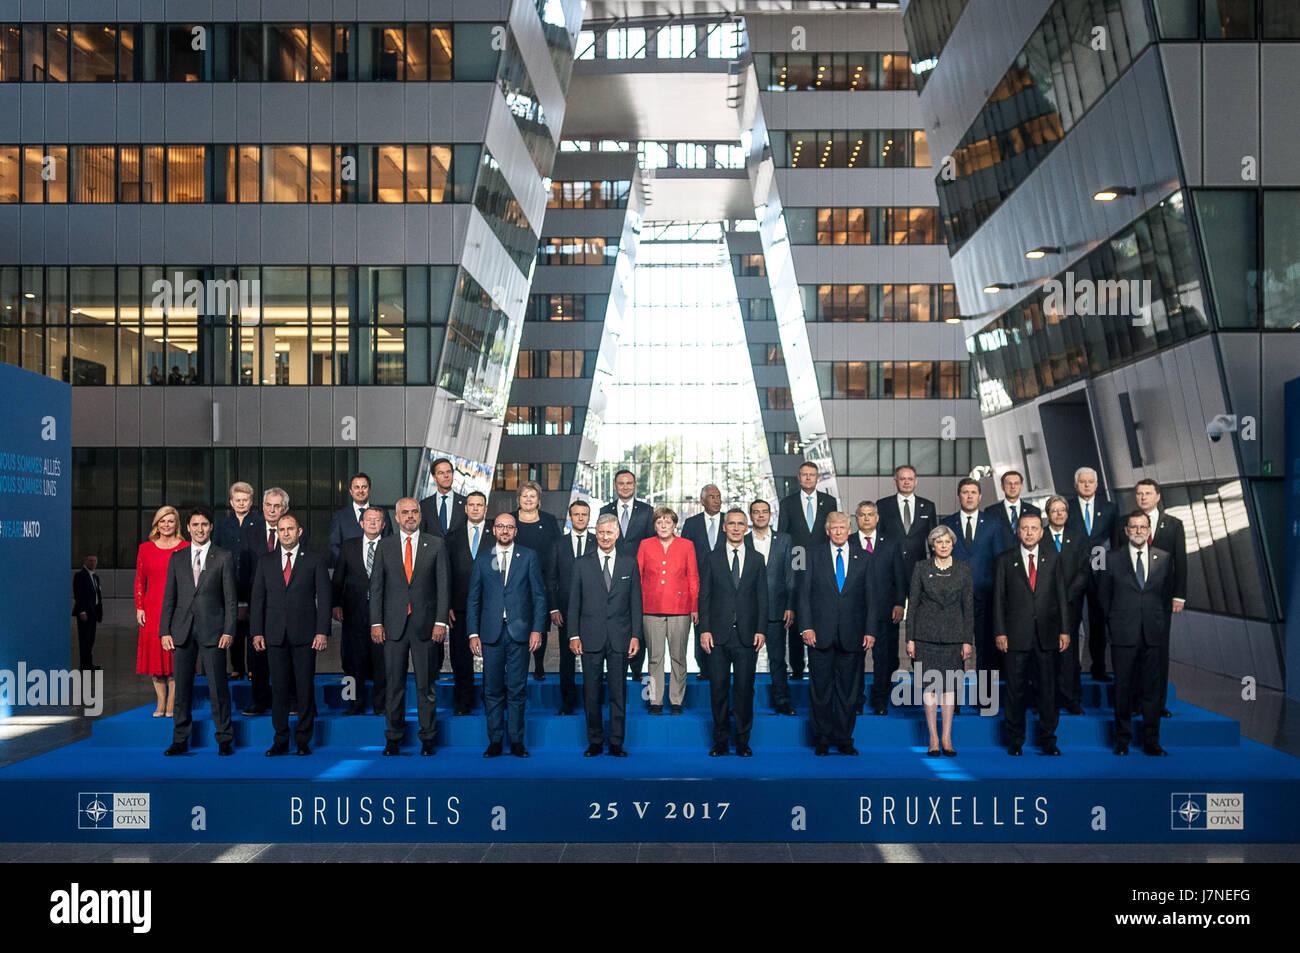 Bruxelles, Belgique. 25 mai, 2017. Photo officielle du nouveau bâtiment de l'OTAN: Crédit Julien Photo Stock